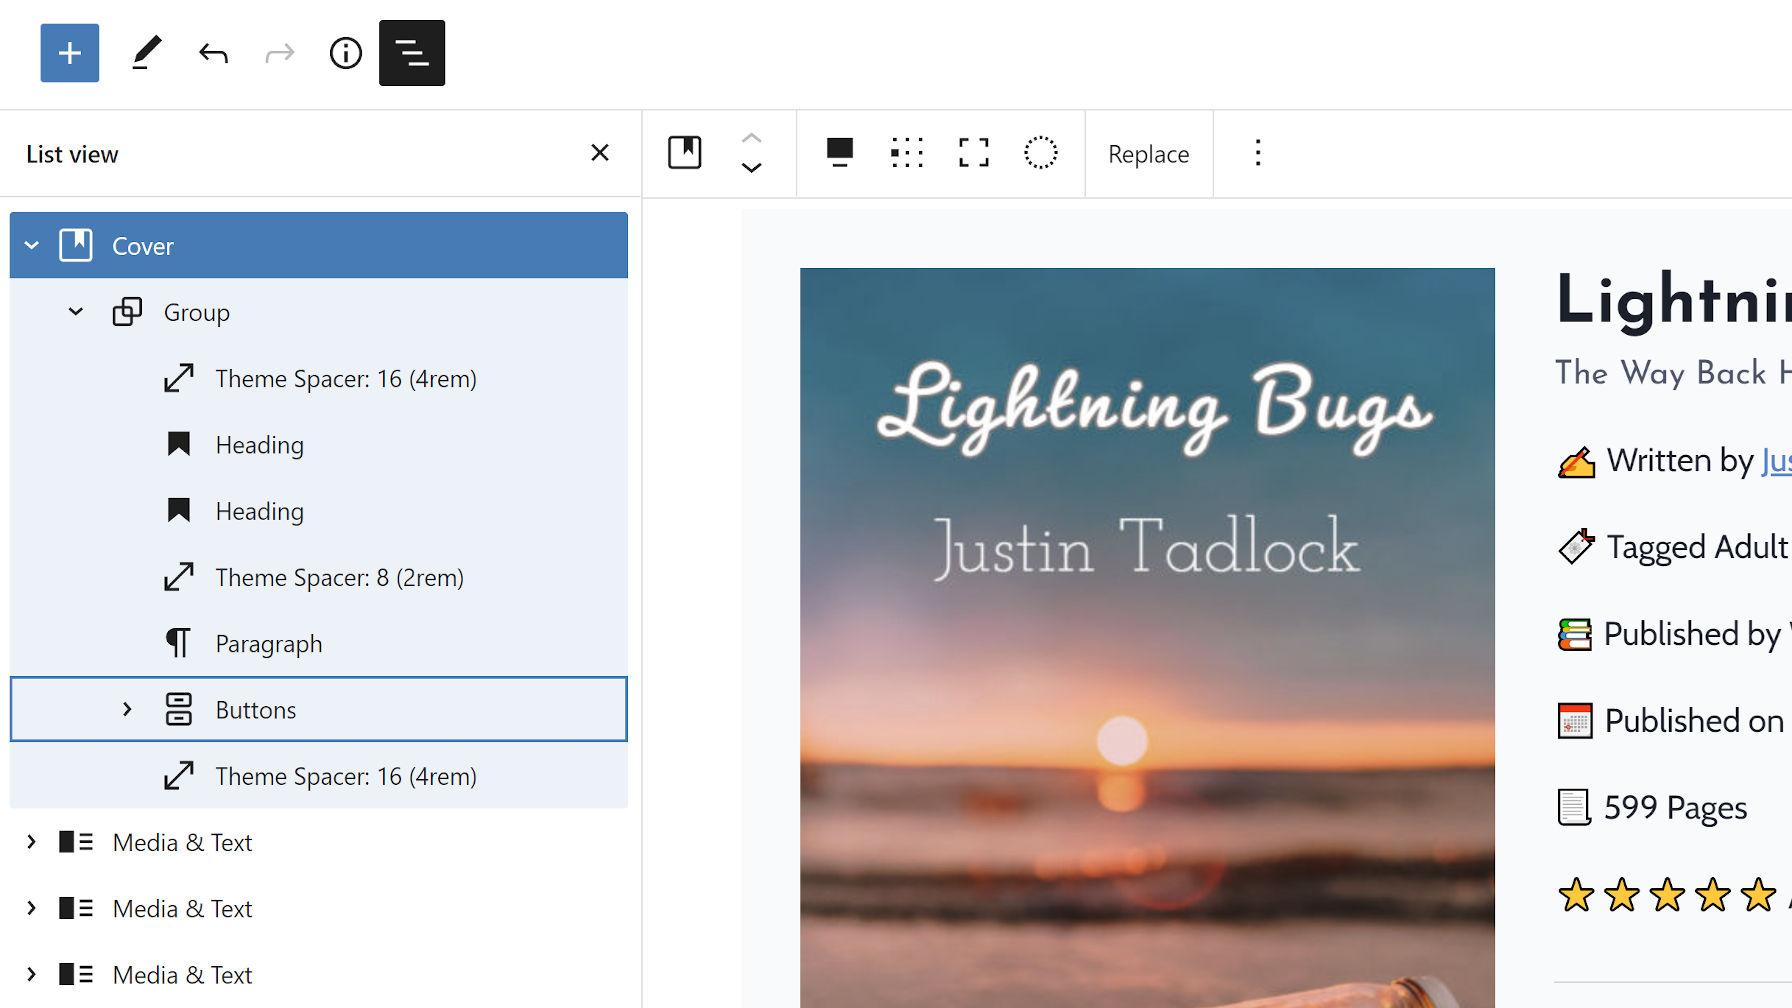 Vue de liste dans l'éditeur de publication, présentant des blocs développés et réduits avec des blocs internes imbriqués.